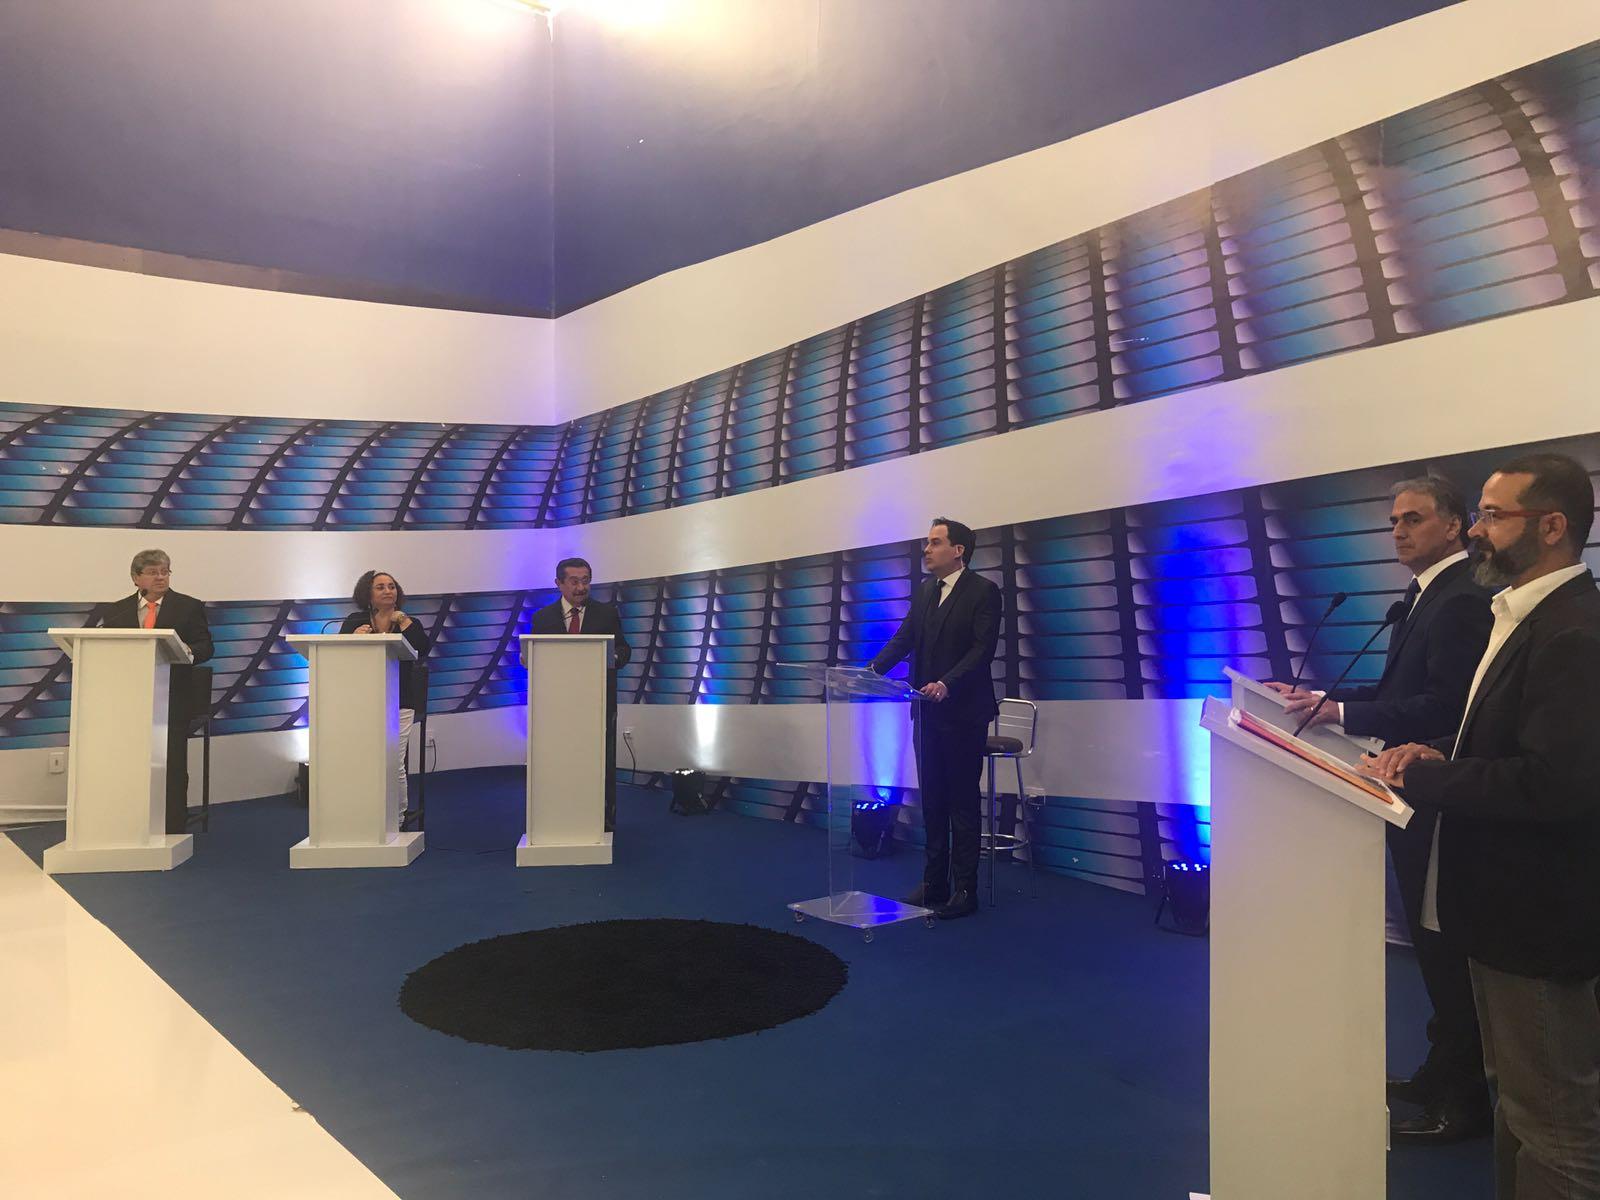 WhatsApp Image 2018 08 20 at 21.30.48 1 - DEBATE MASTER: 2º bloco teve pergunta de internautas e críticas a gestão pactuada na saúde pública